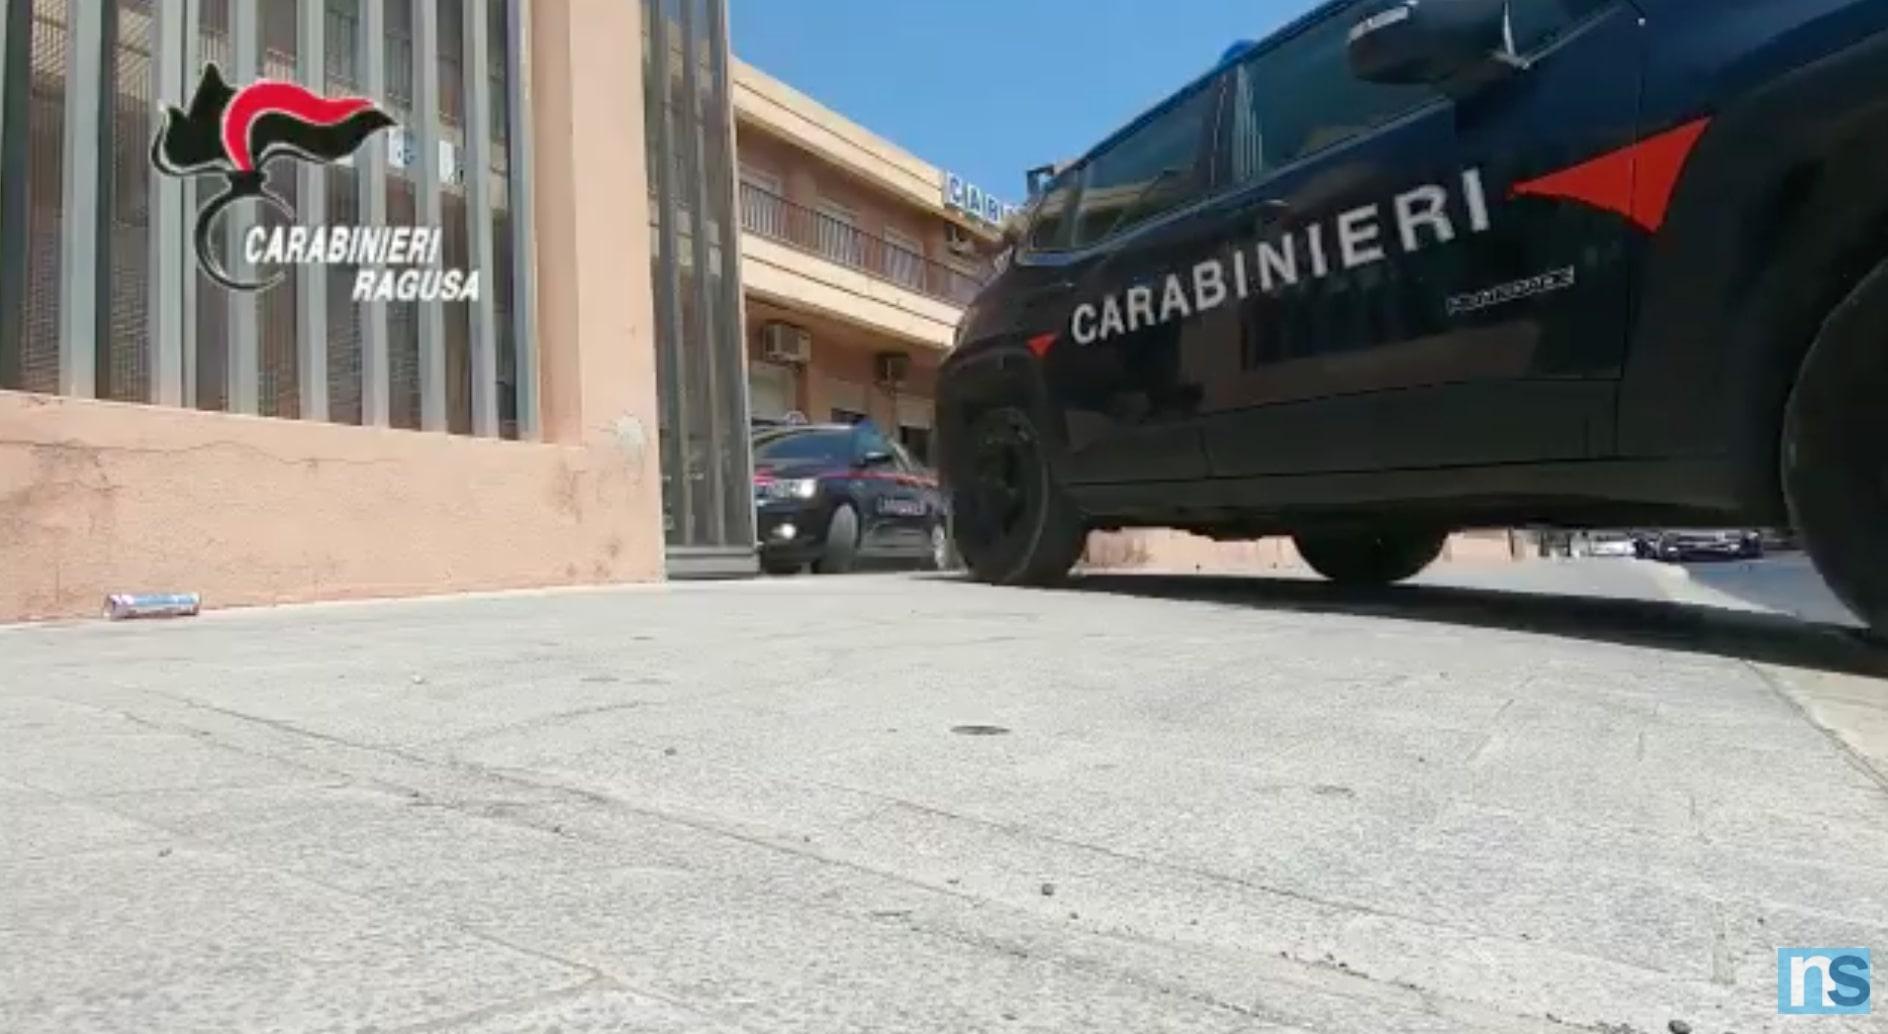 Residenti disperati, 3 arresti all'alba: spaccio di cocaina per 30mila euro di guadagni – Il VIDEO